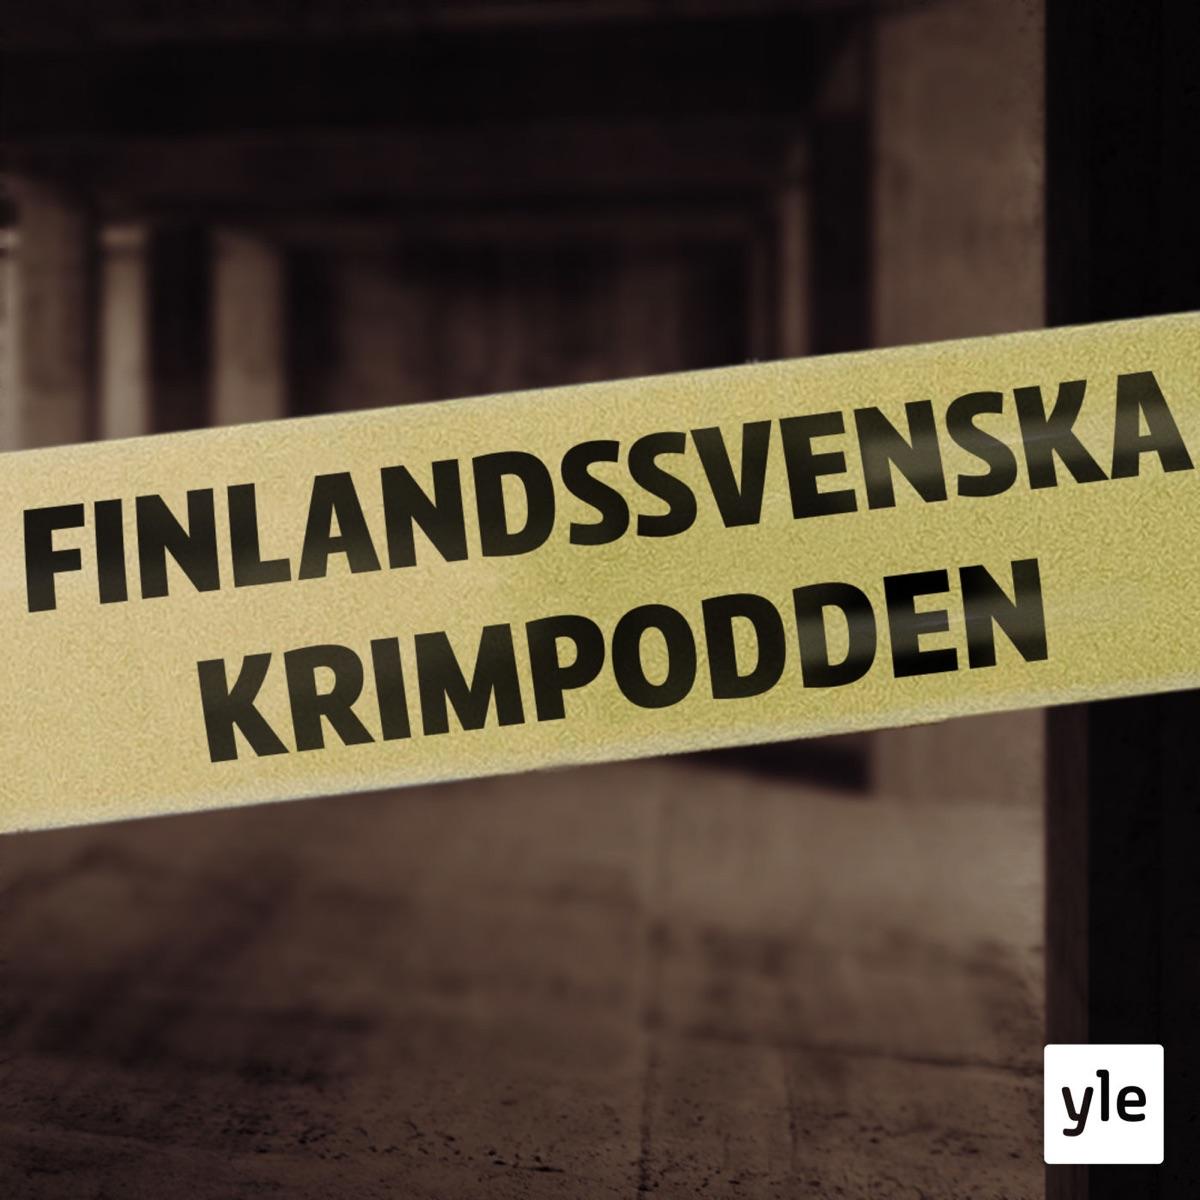 Finlandssvenska krimpodden